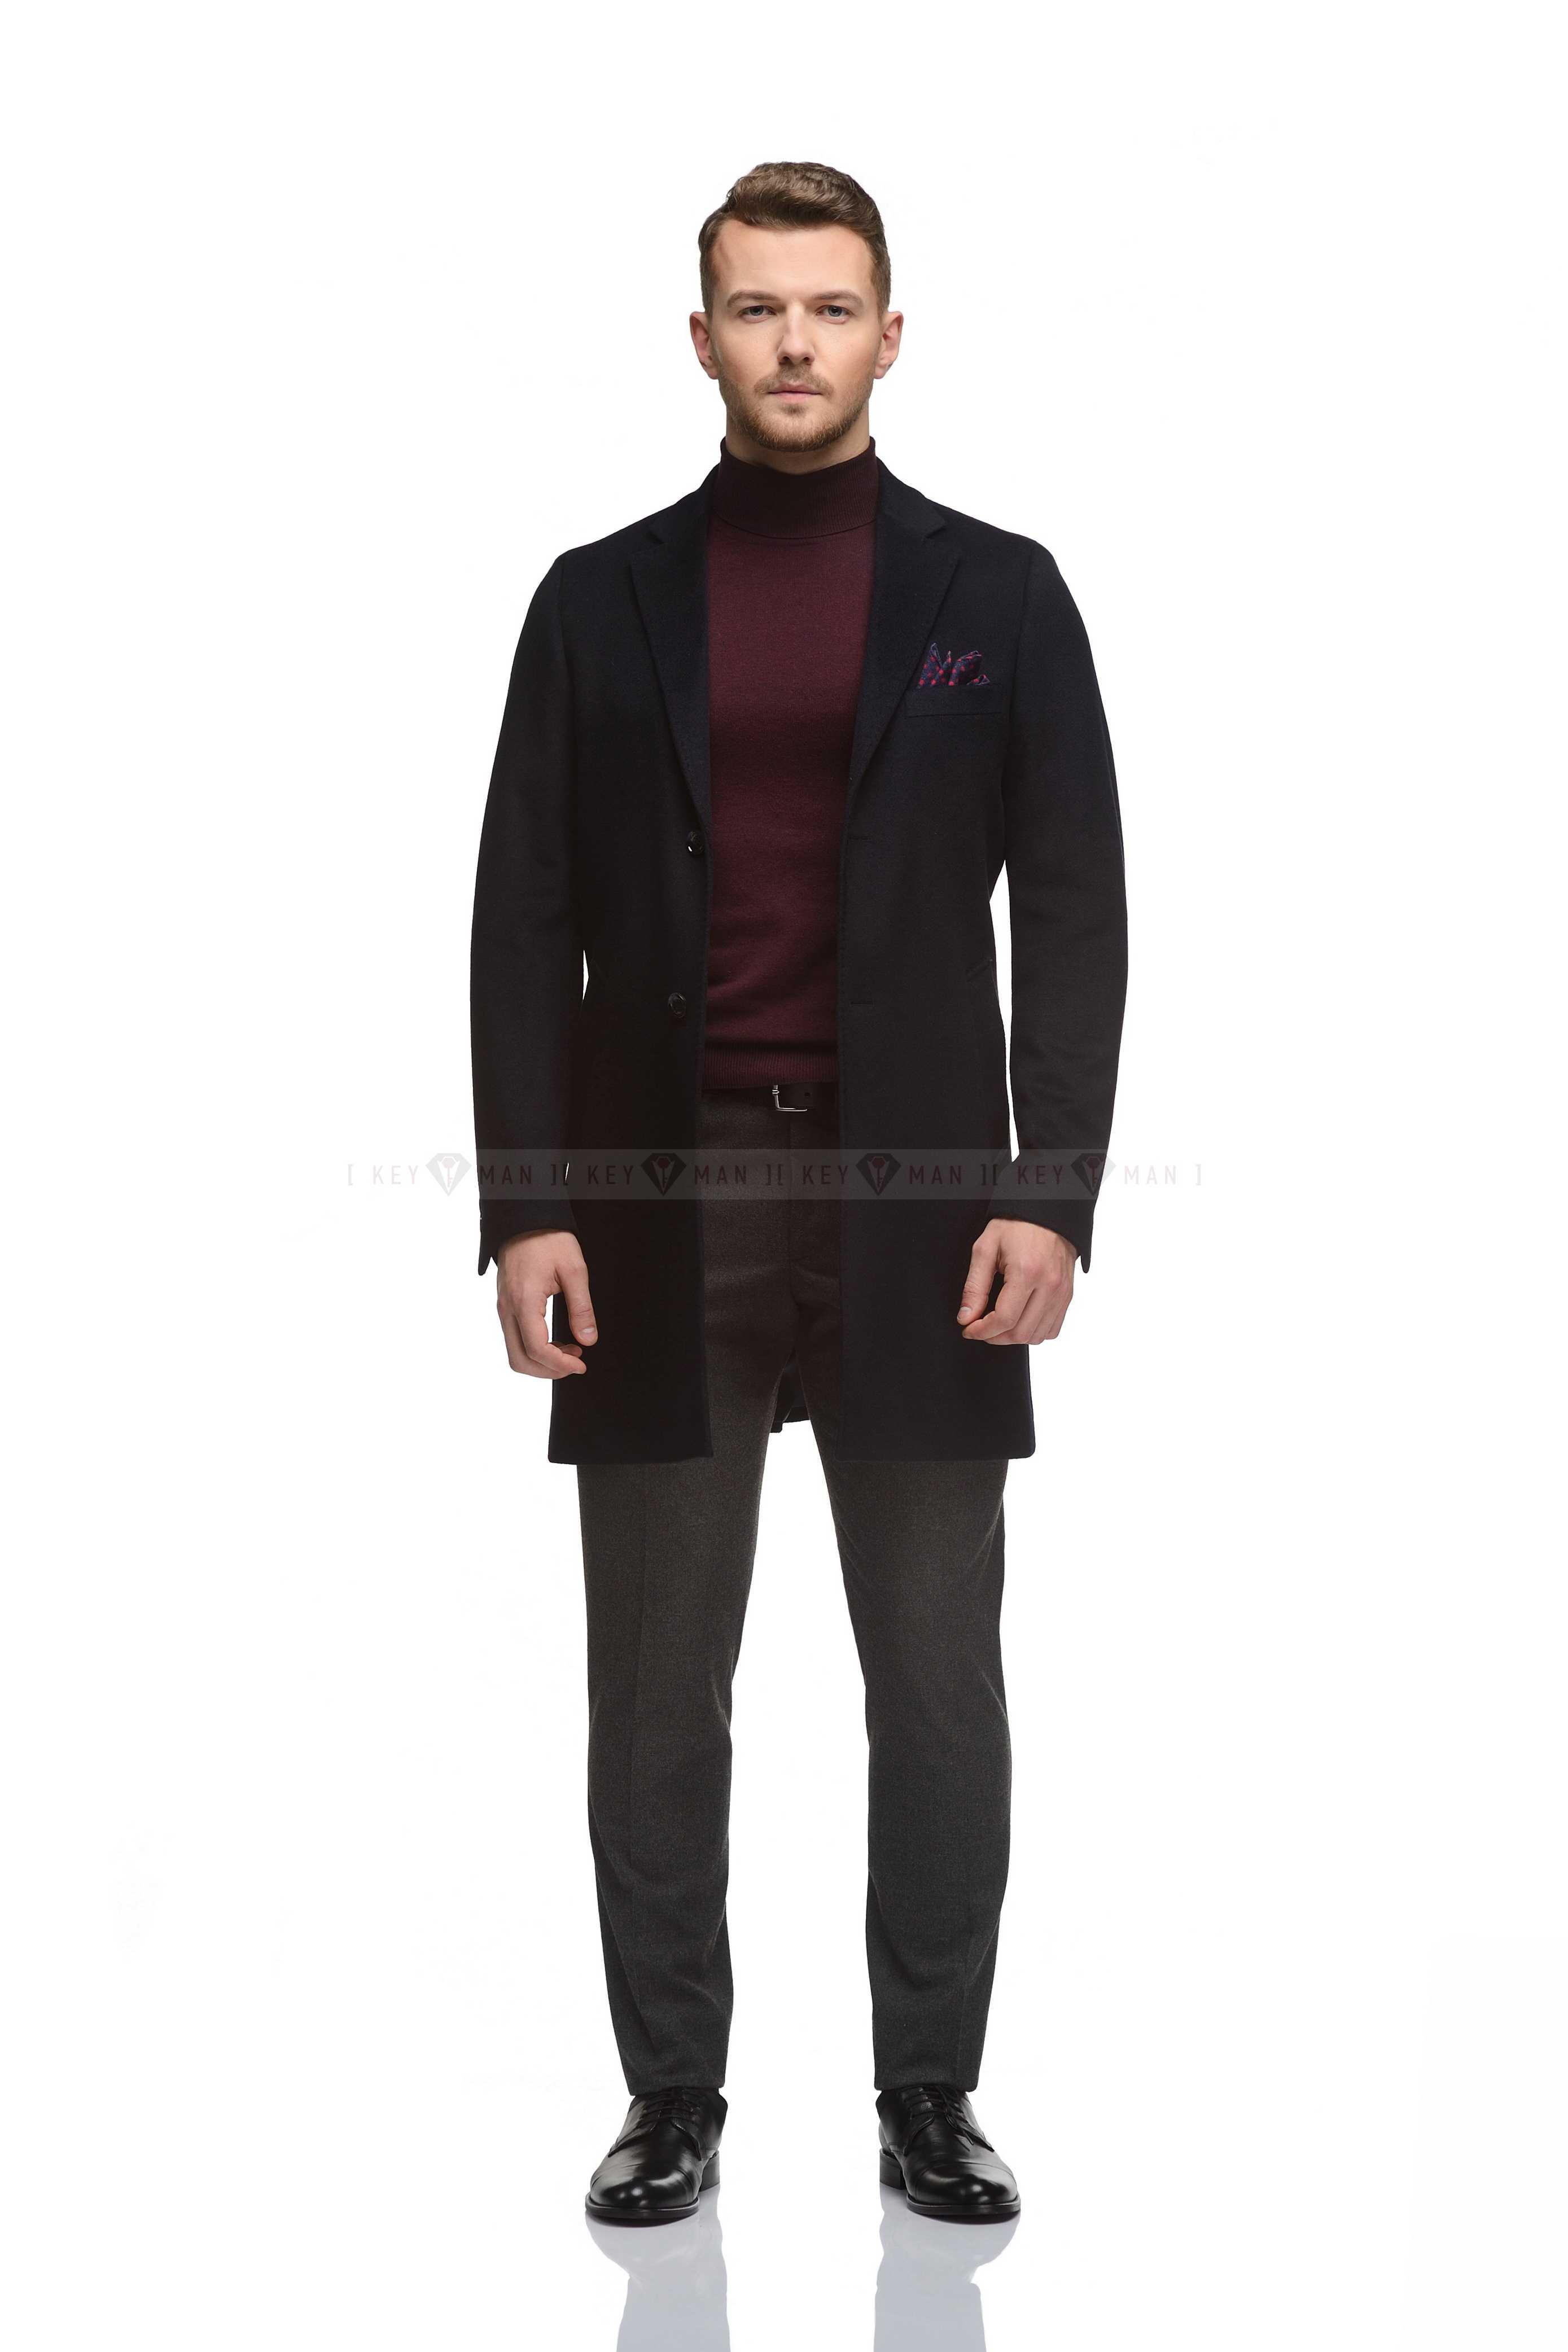 Пальто мужское темно-синее, приталенное, демисезонное